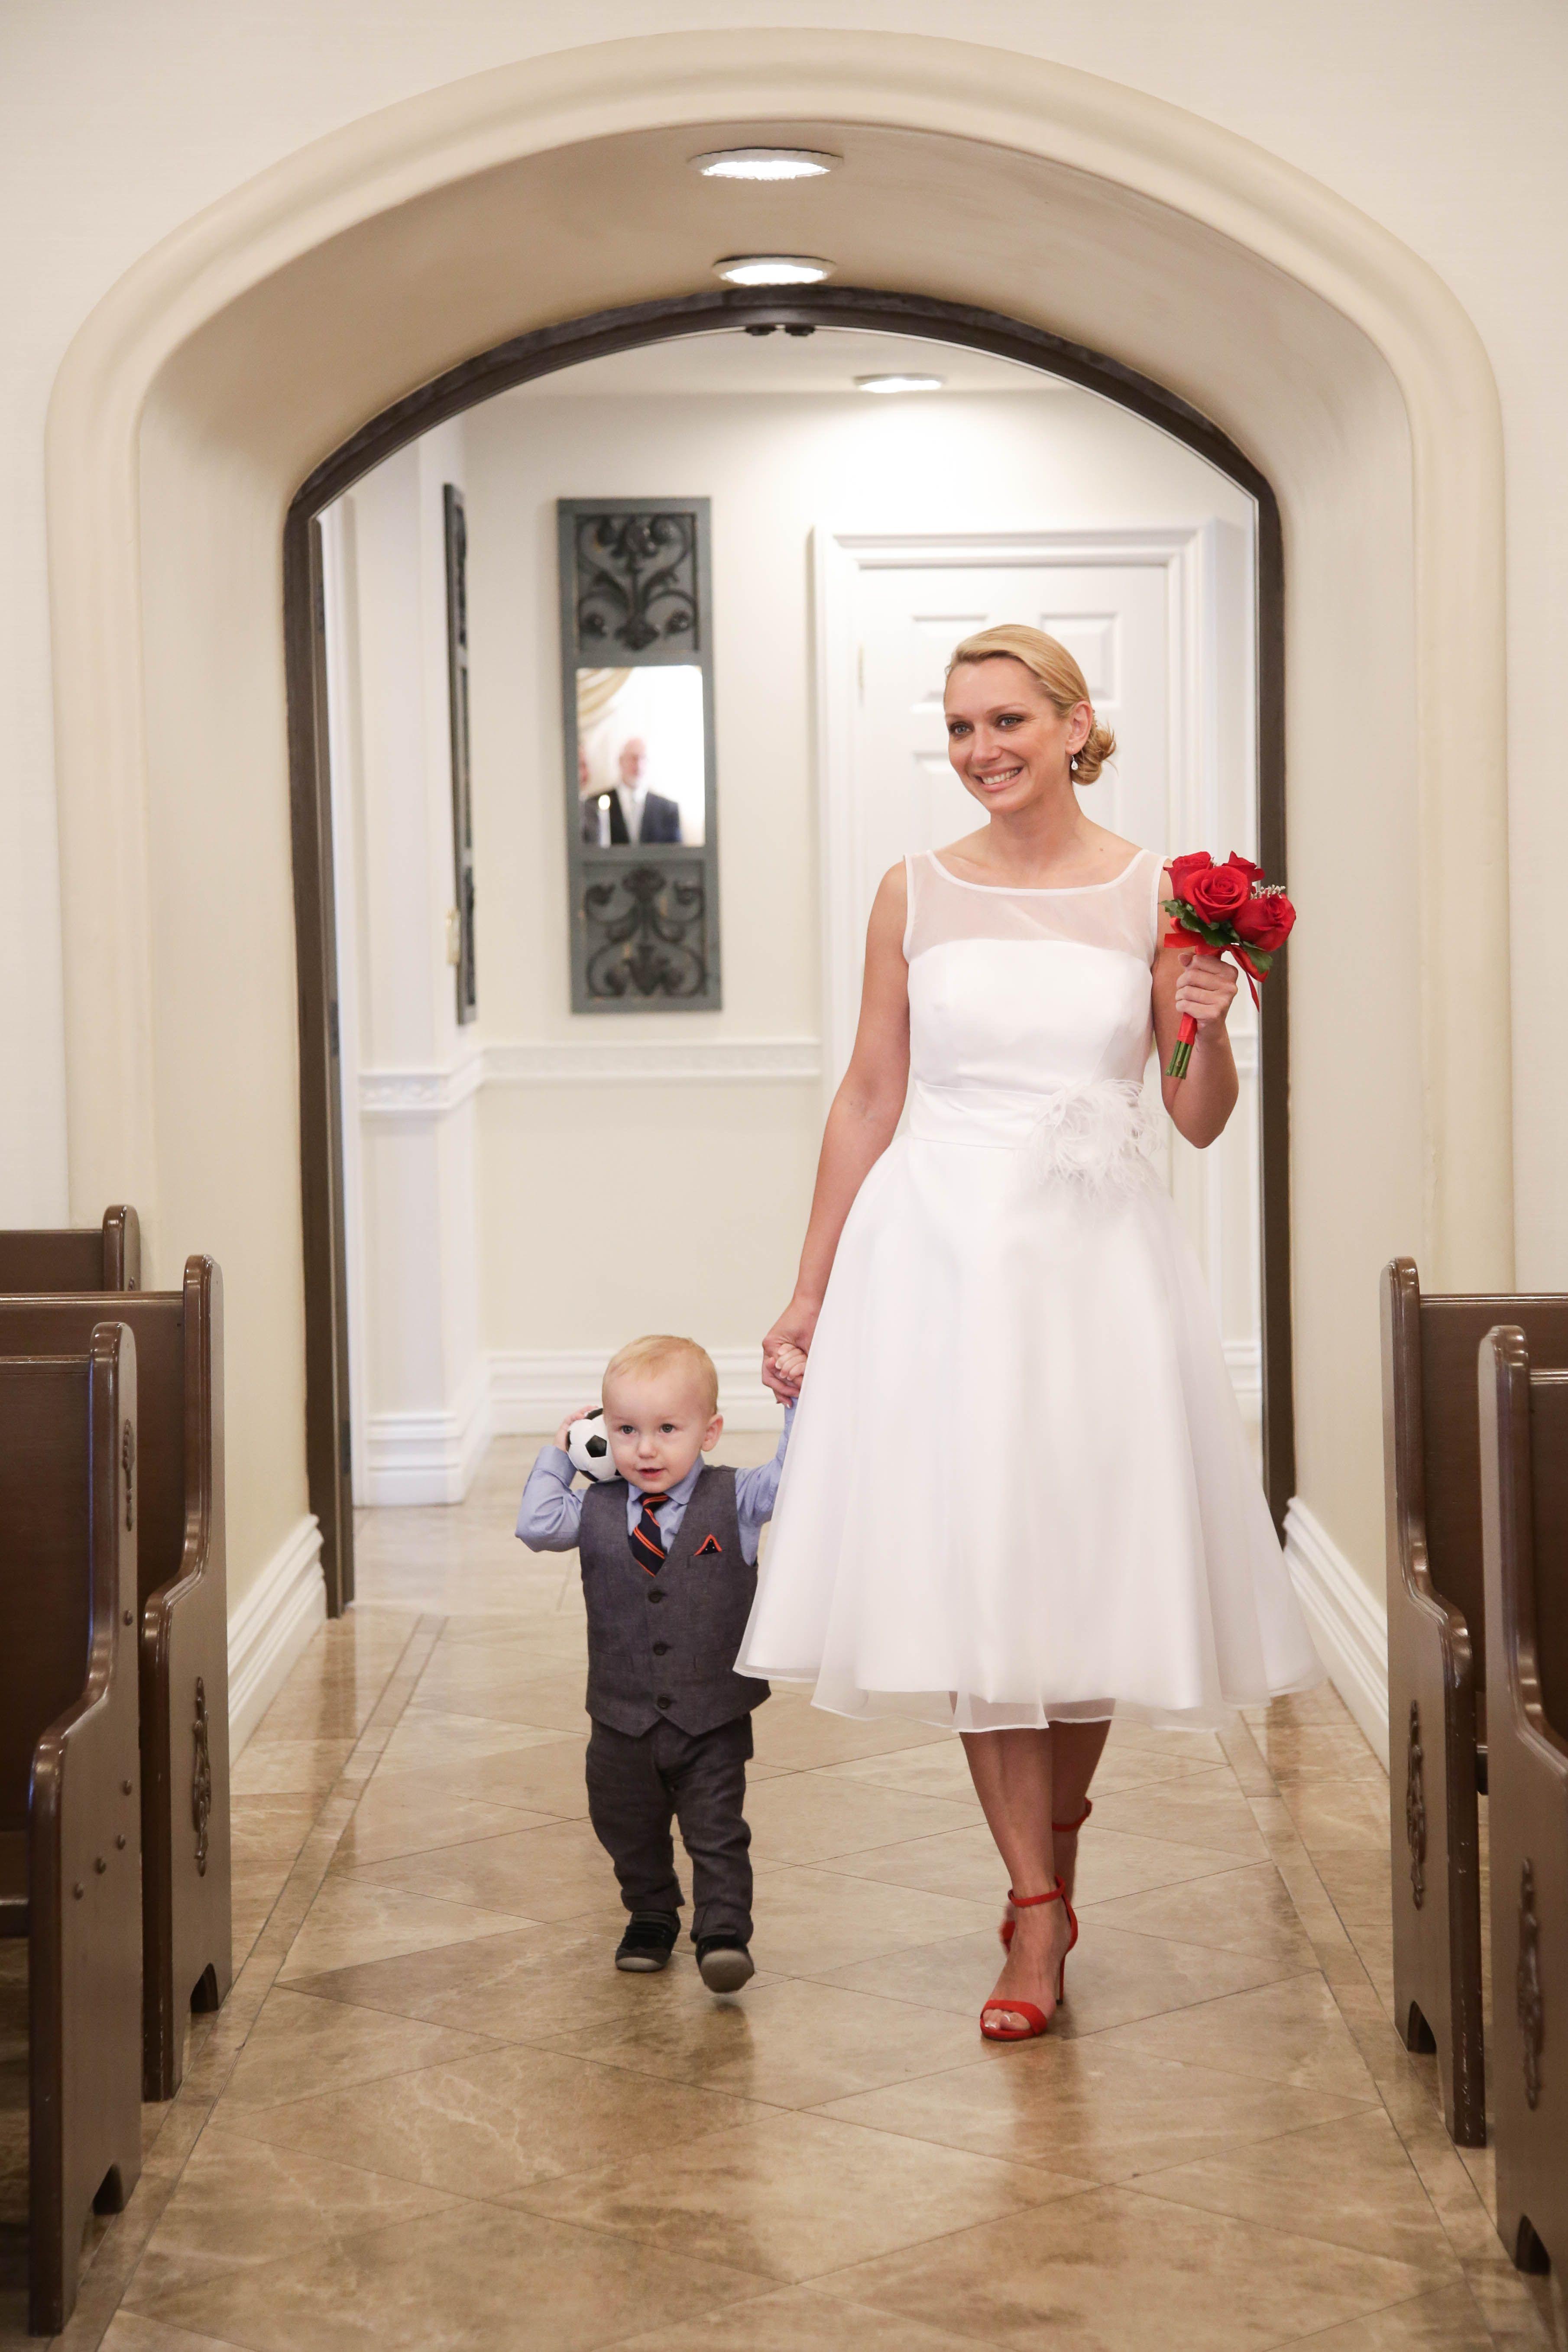 Cute ring bearer in little wedding suit. Familyfriendly